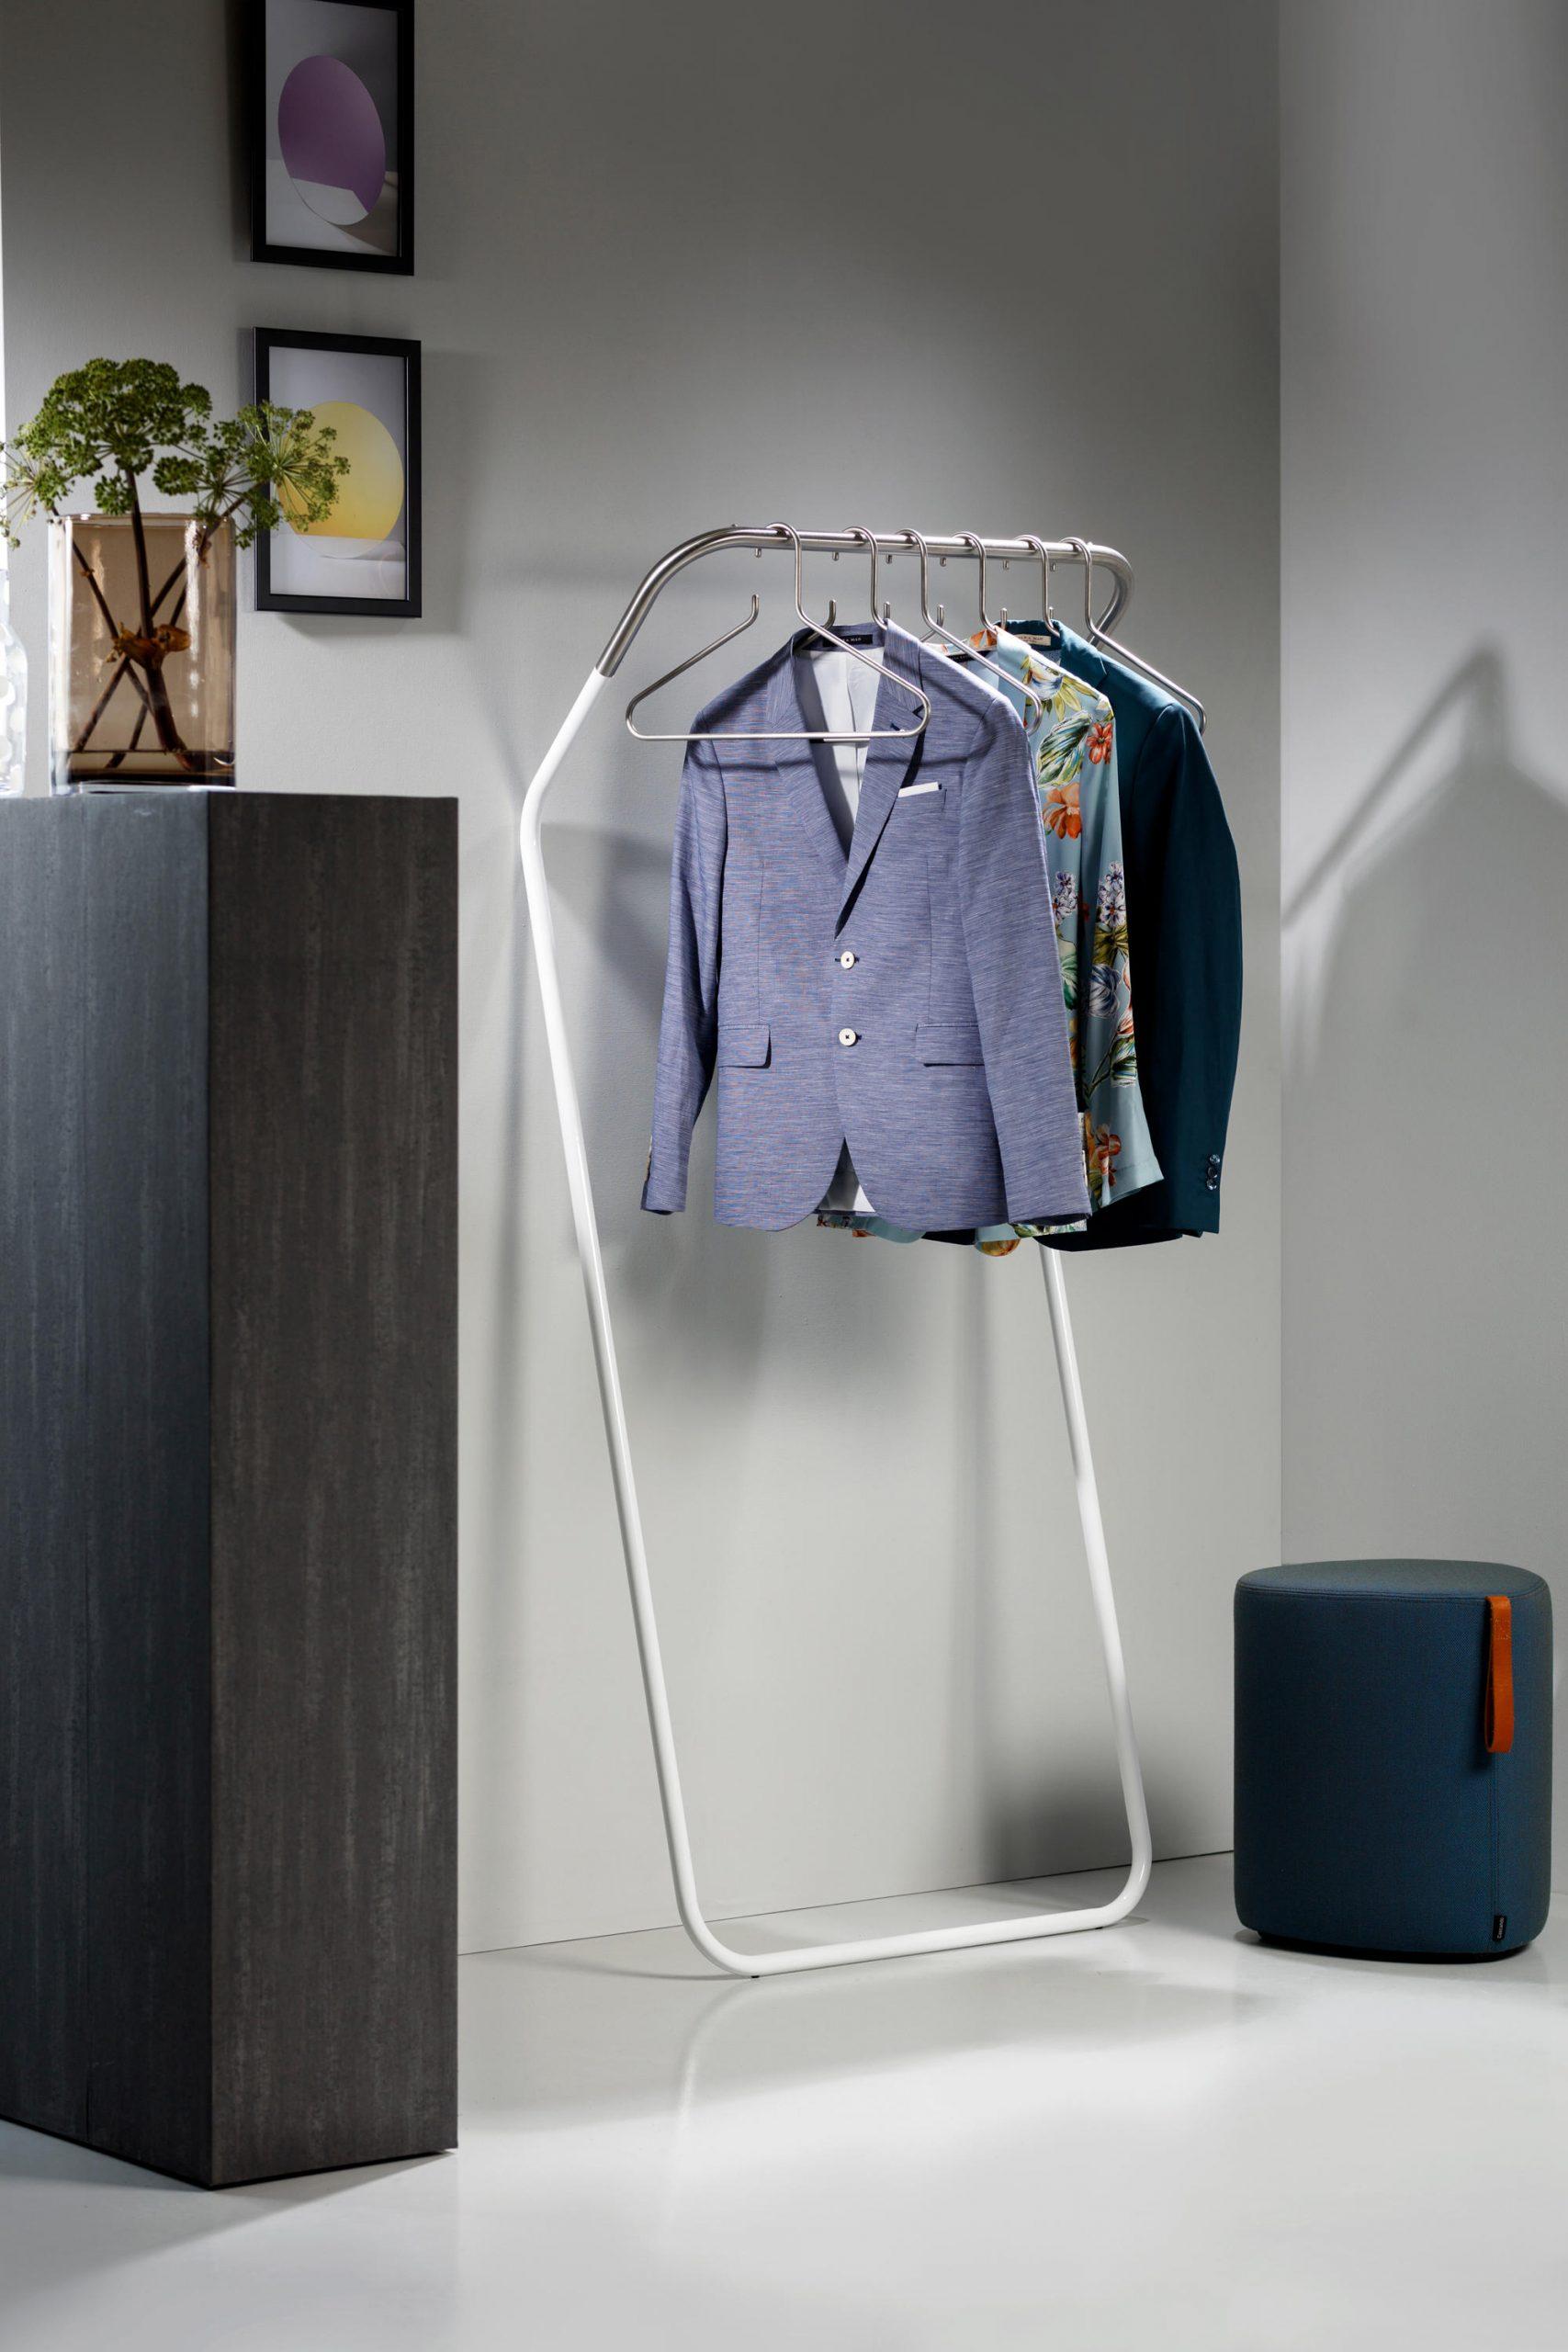 Garderobenständer Lean On, gebogene Form